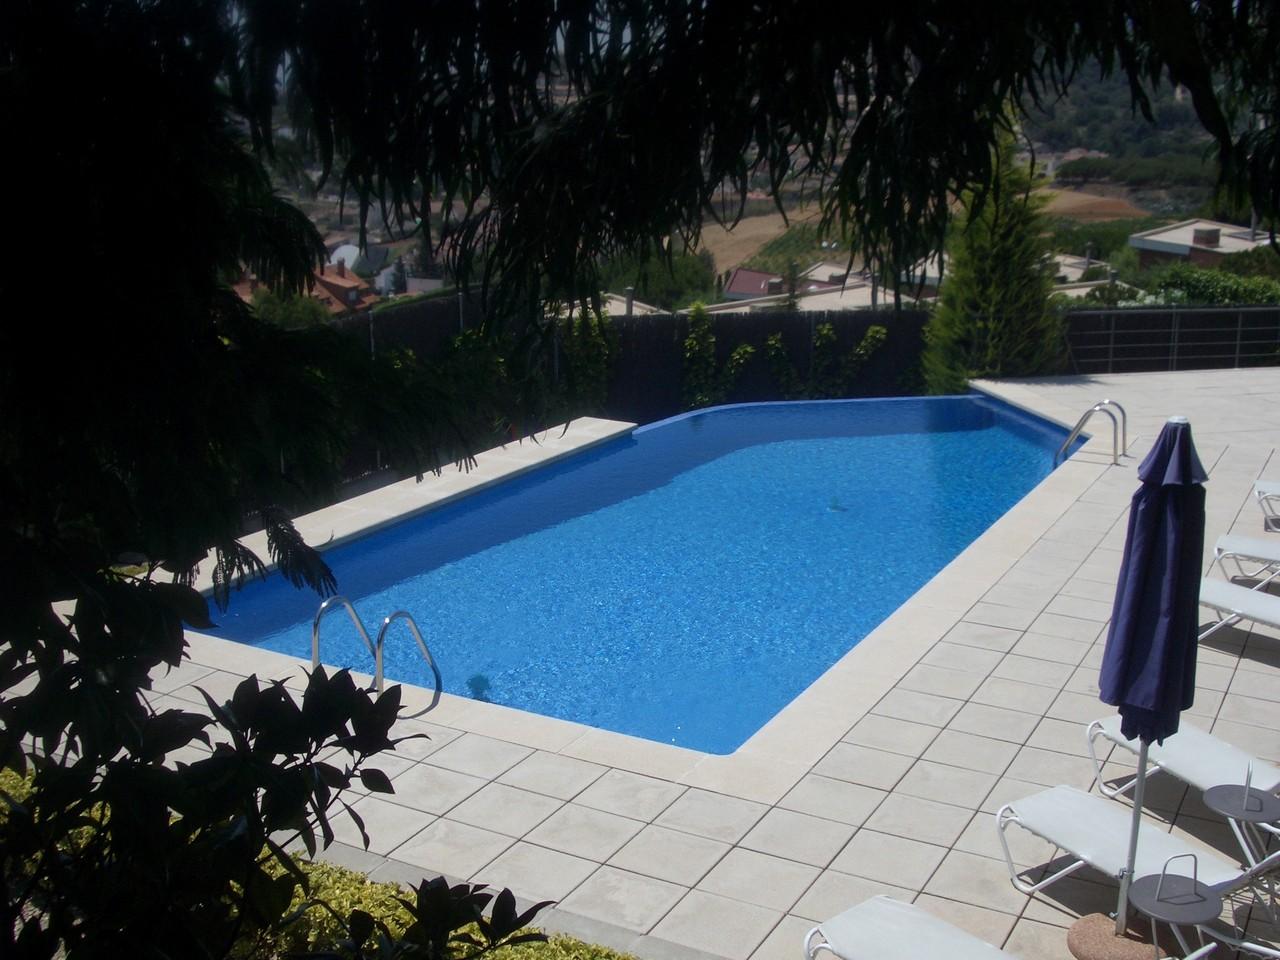 Piscinas construcci n de piscinas precios de piscinas - Piscinas construccion precios ...